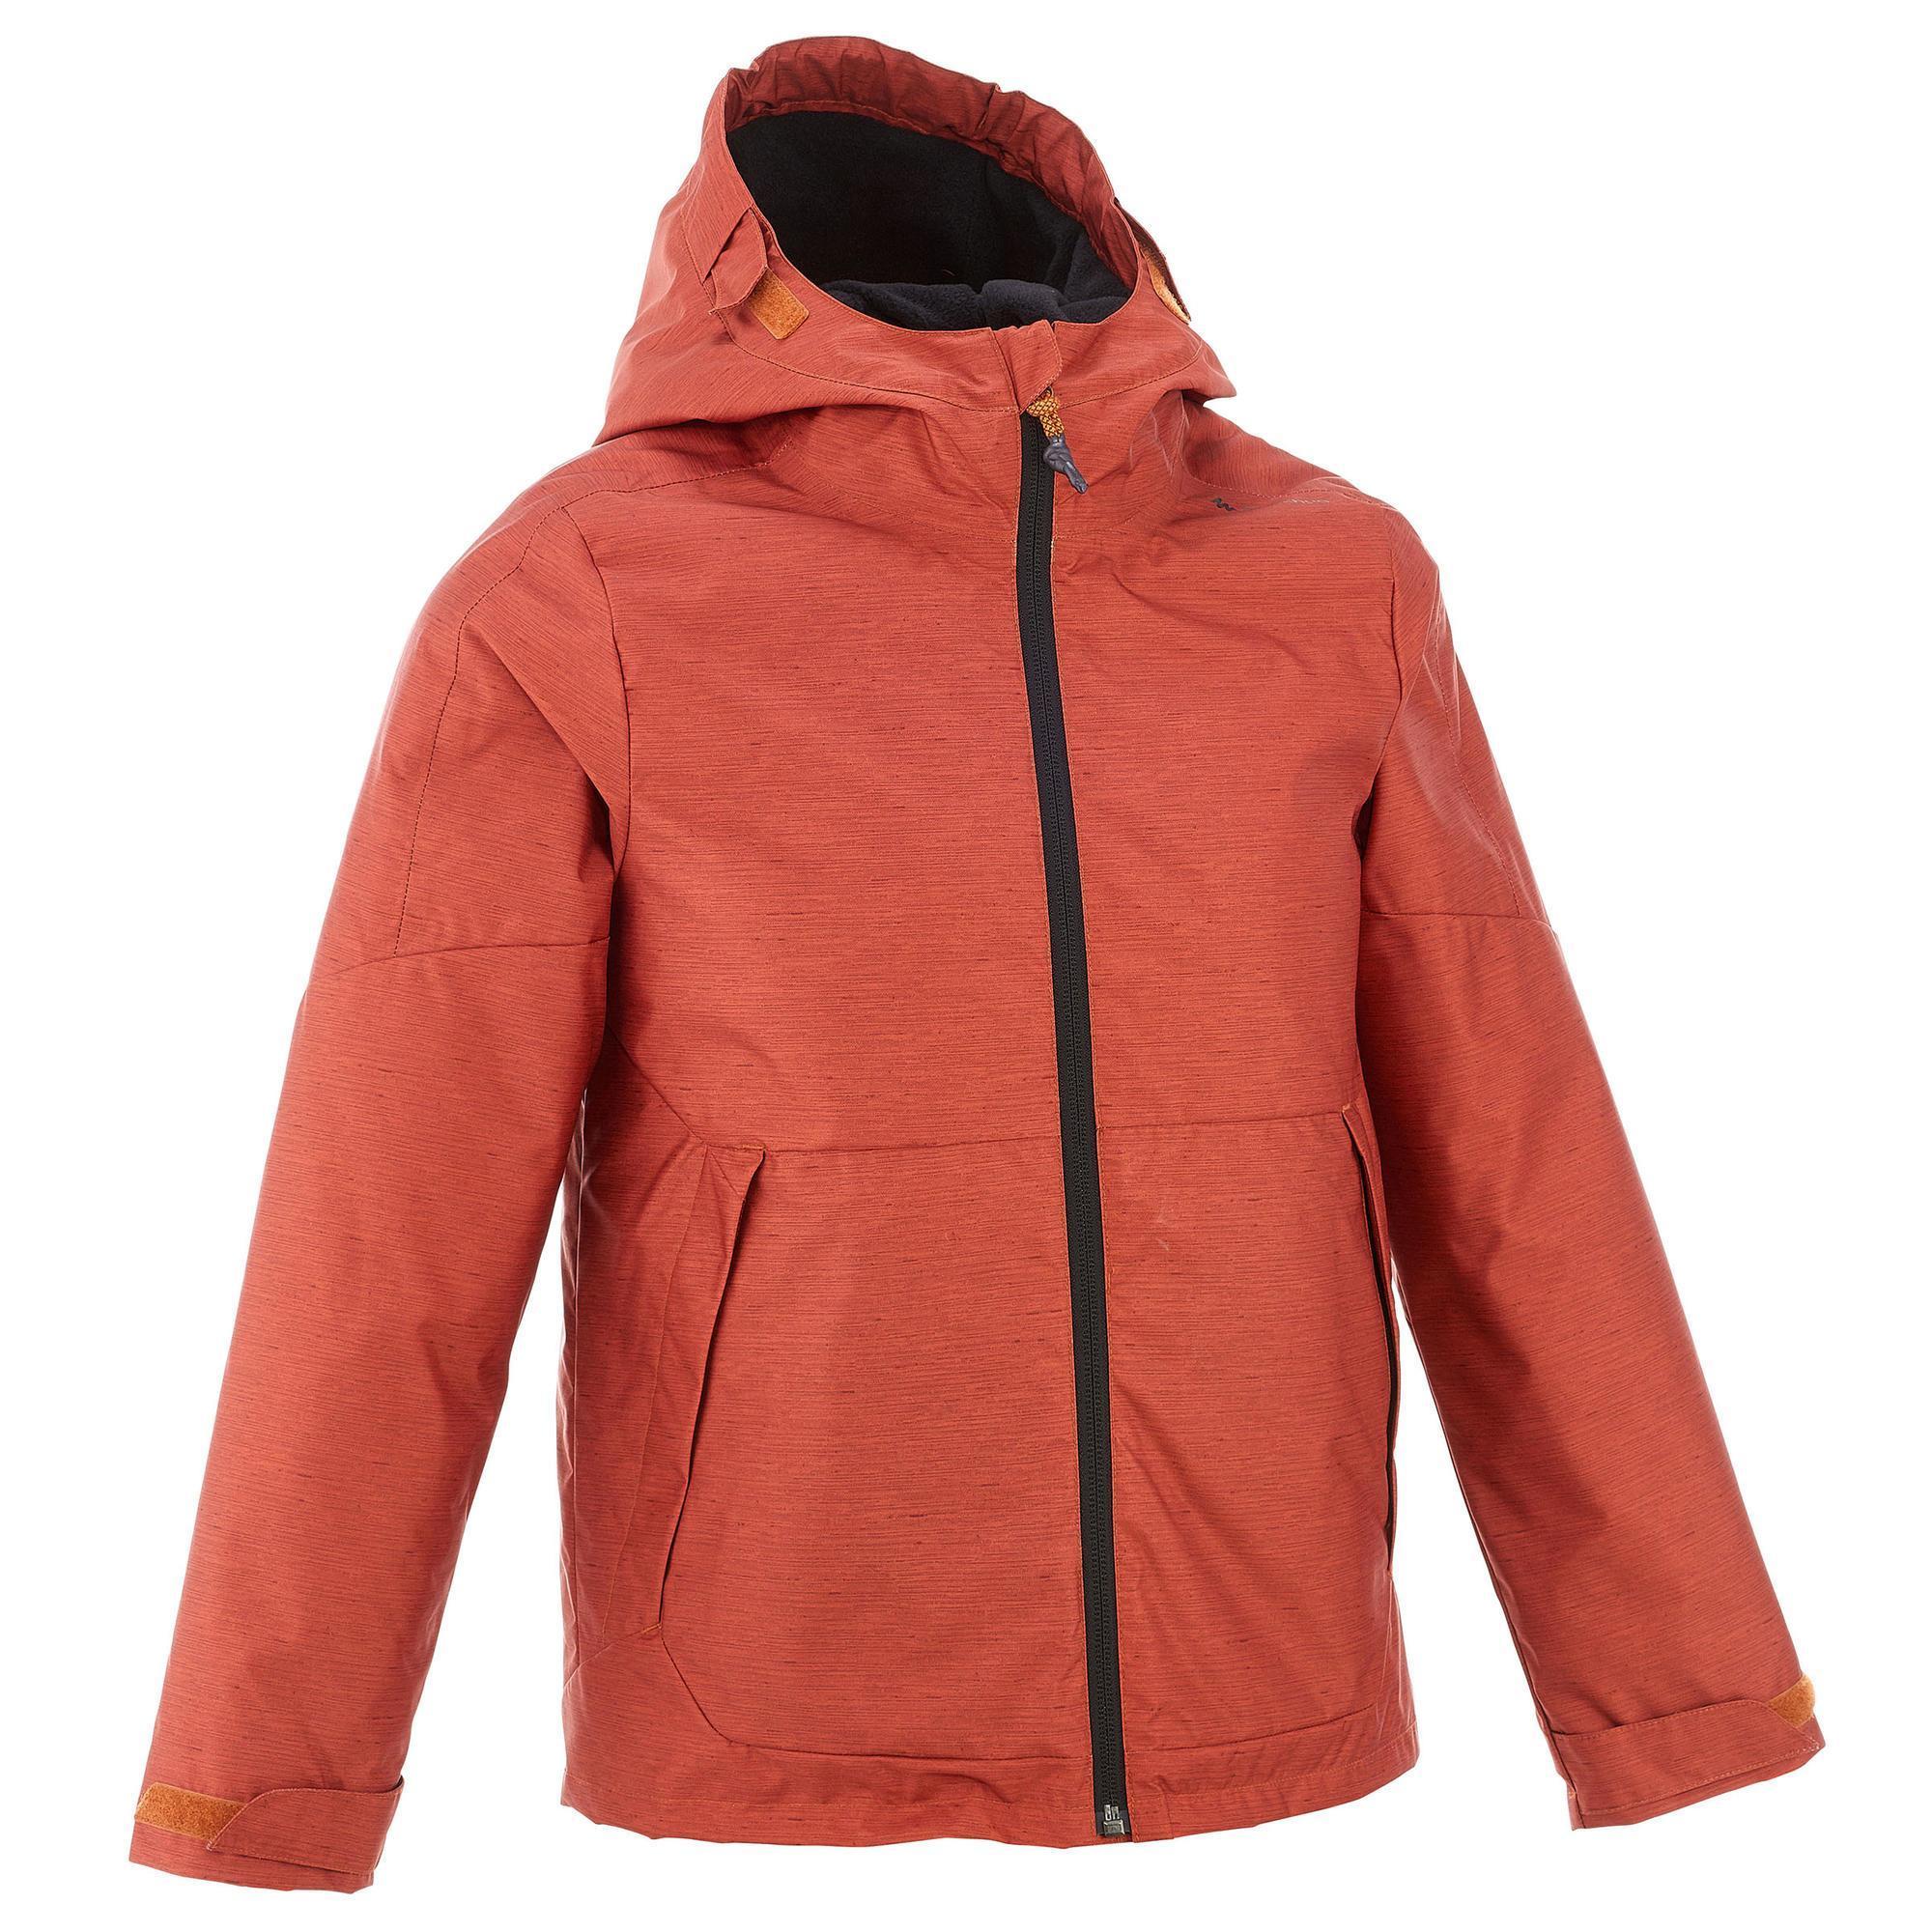 Boys' red Hike 100 warm waterproof hiking jacket